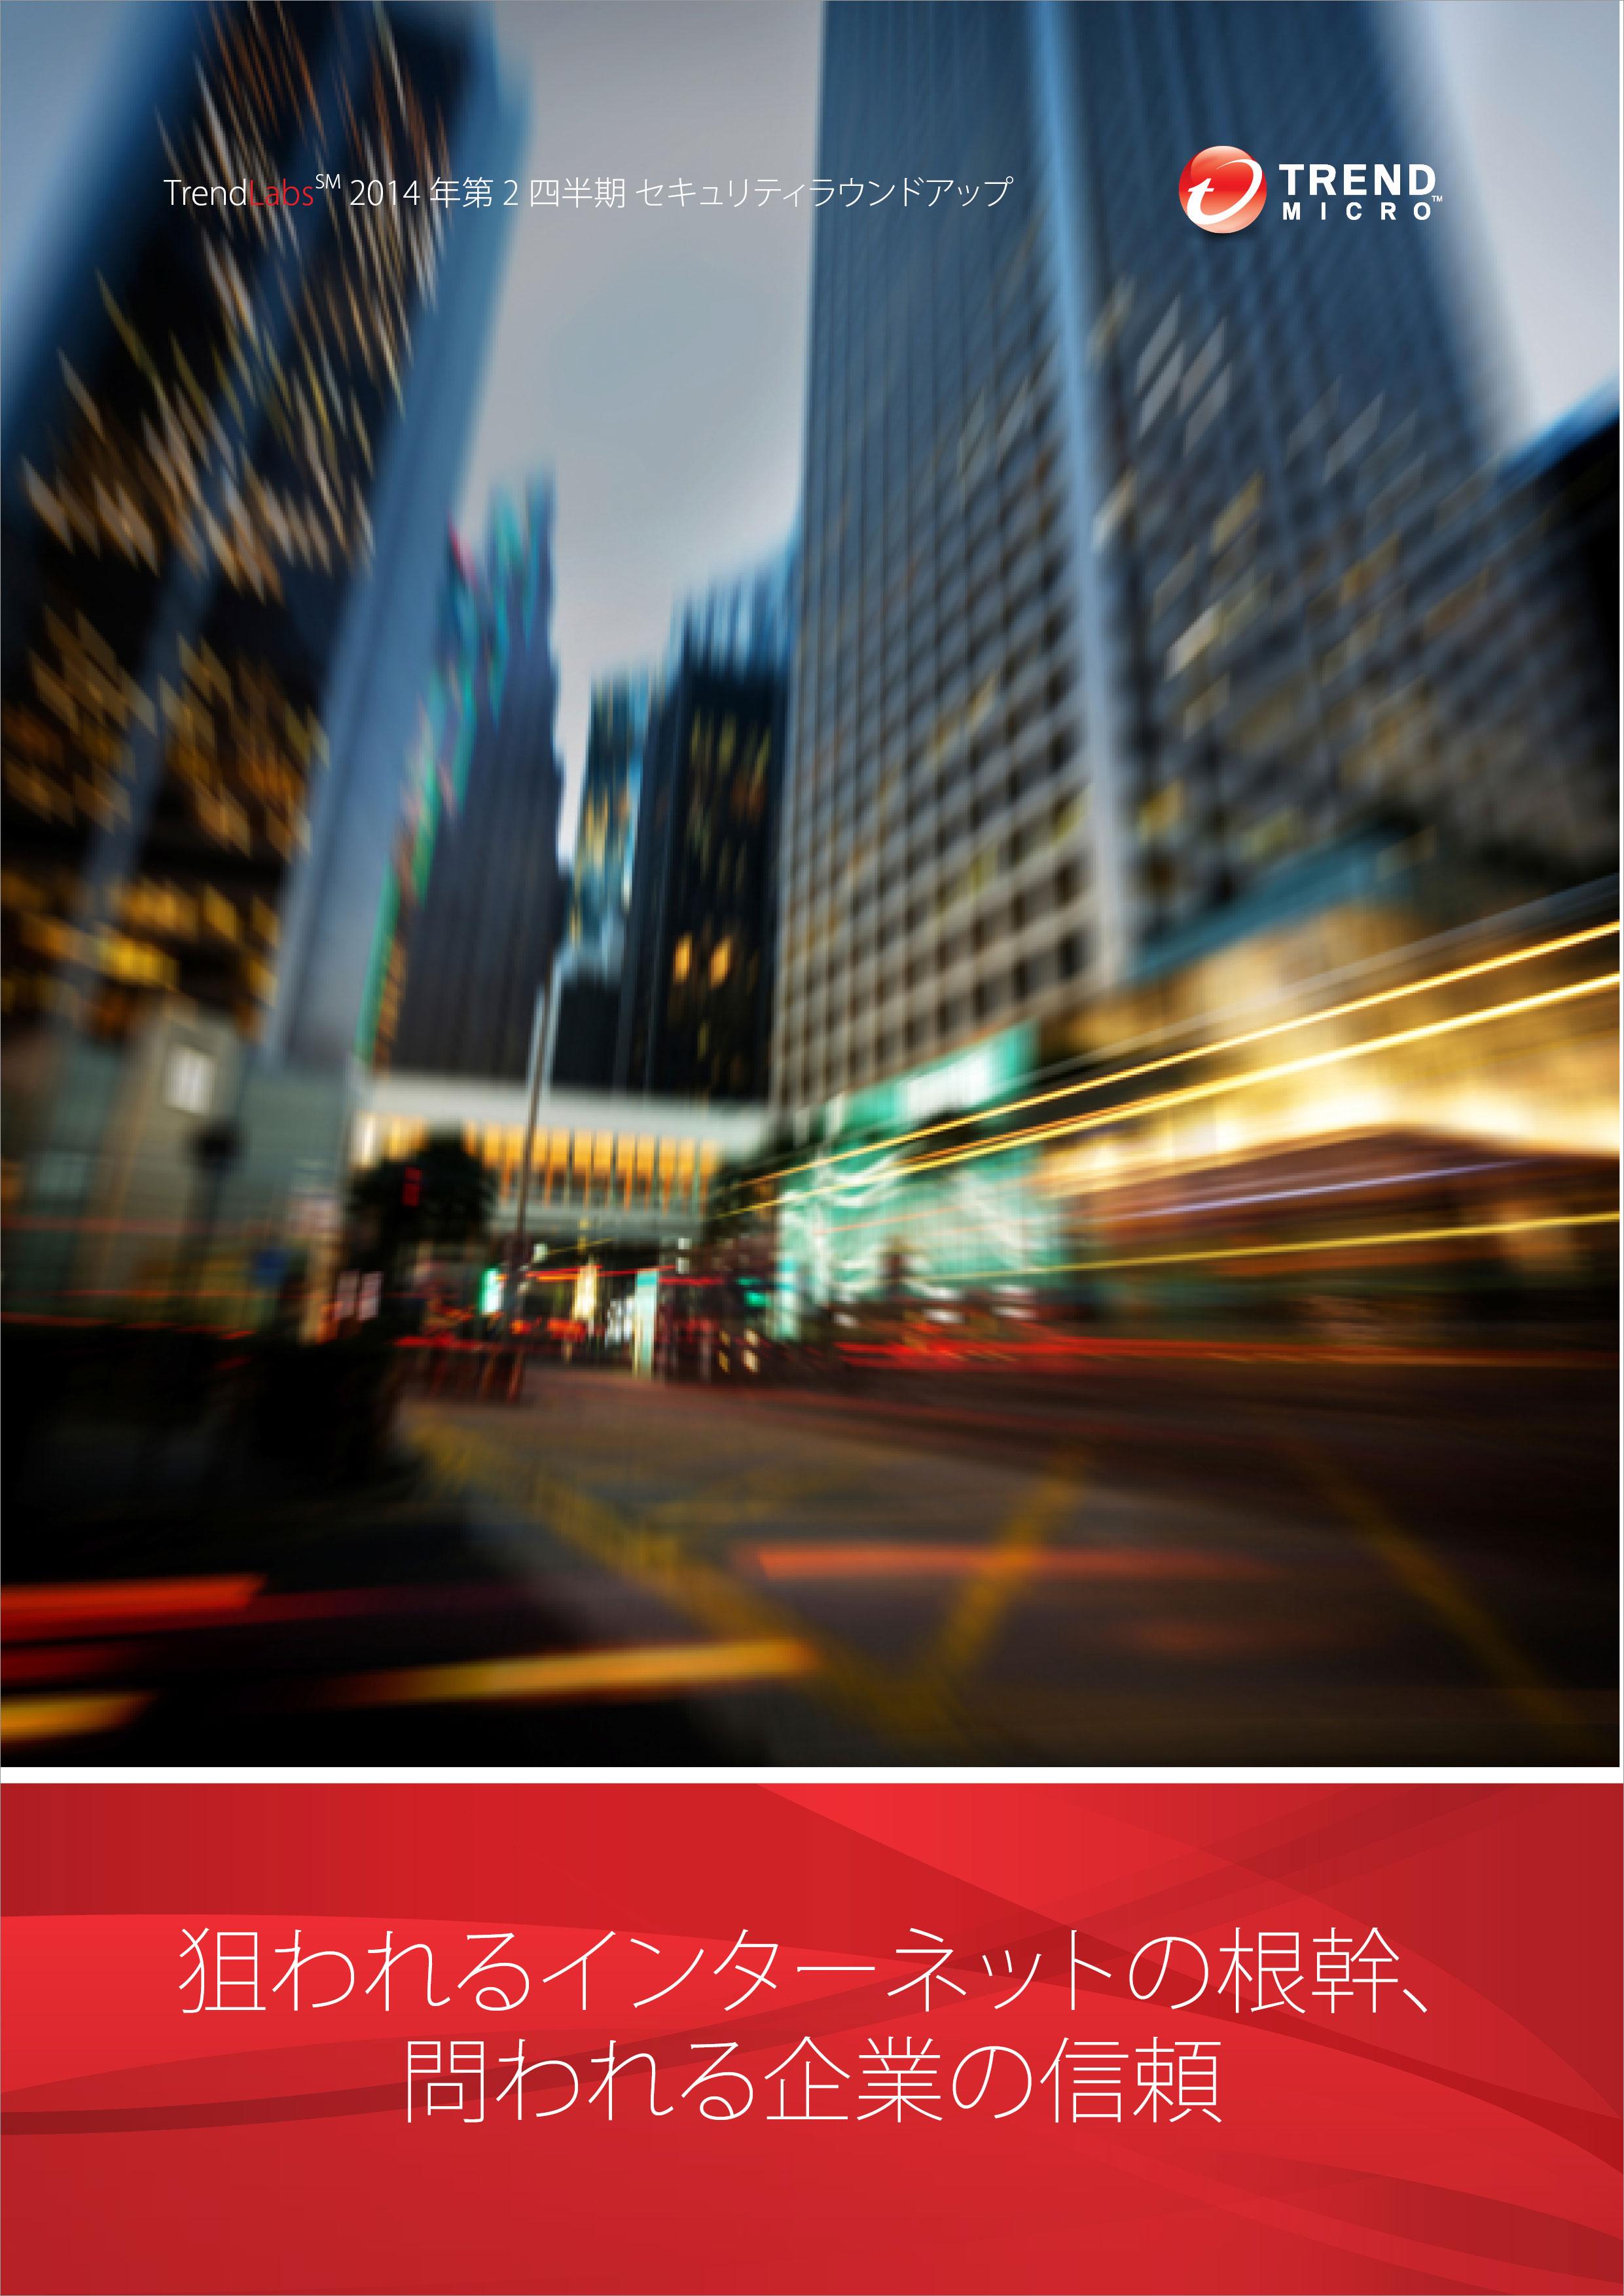 2014年第2四半期セキュリティラウンドアップ:『狙われるインターネットの根幹、問われる企業の信頼』